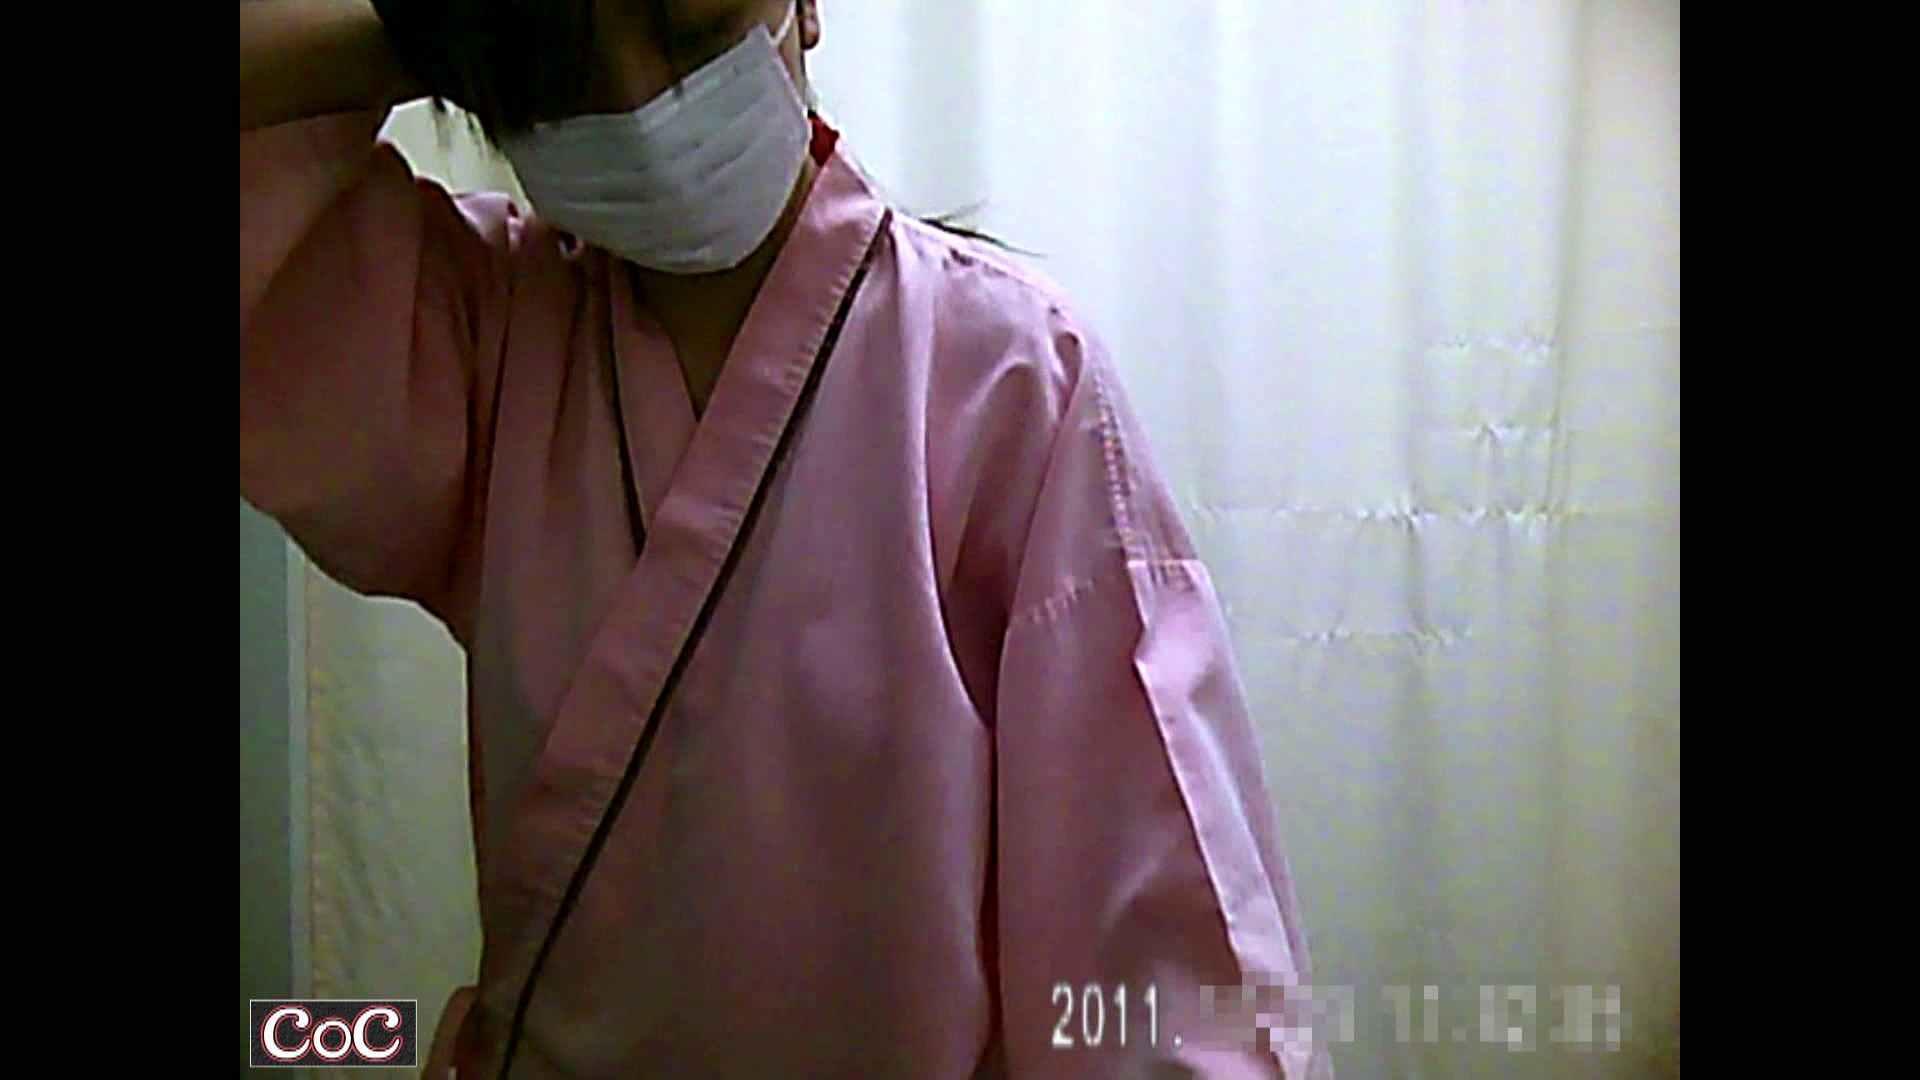 病院おもいっきり着替え! vol.69 OLエロ画像 のぞきエロ無料画像 97PICs 9